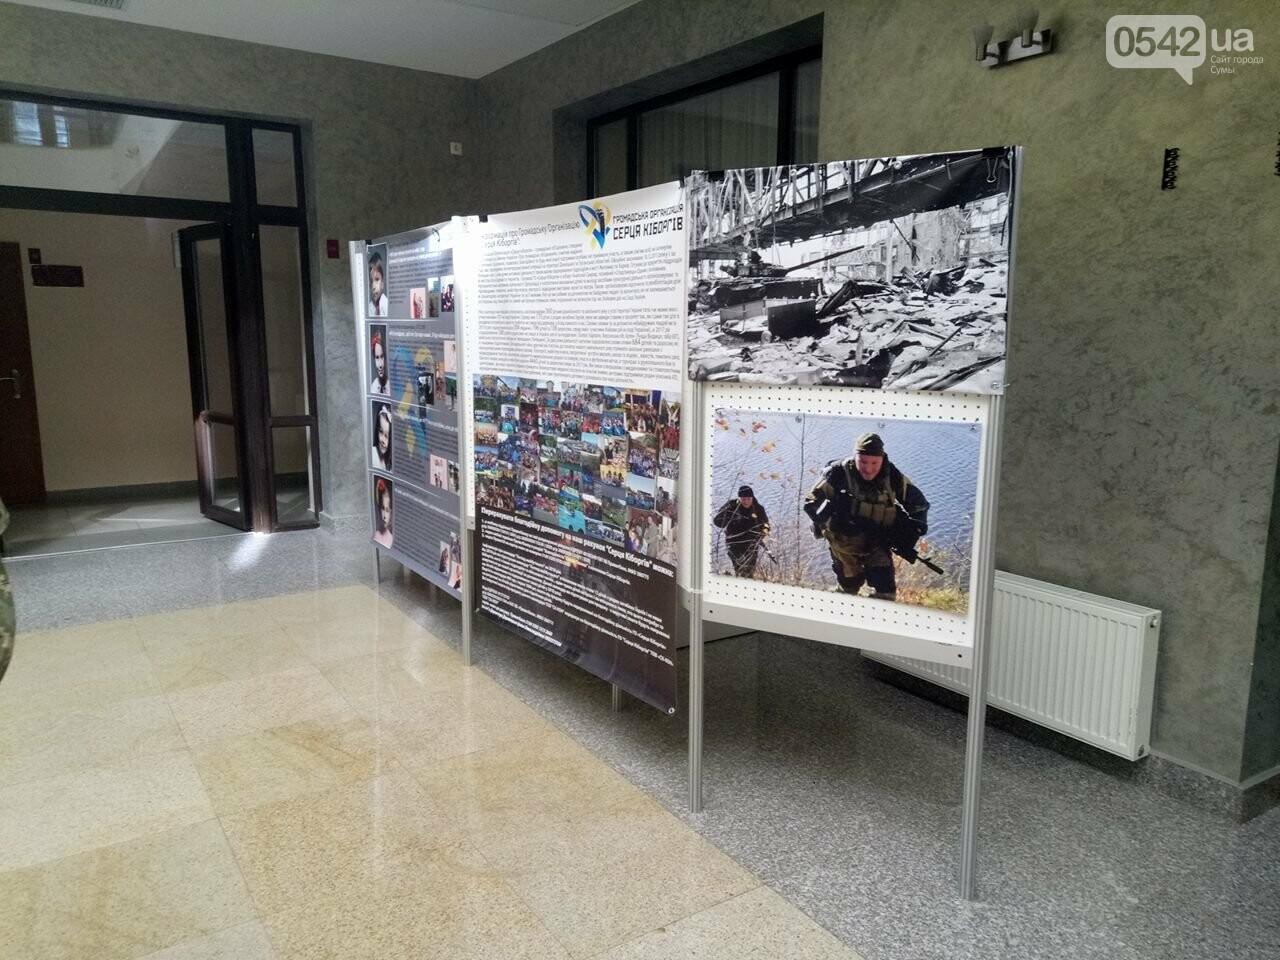 В Сумах открылась фотовыставка, посвященная детям погибших героев, фото-6